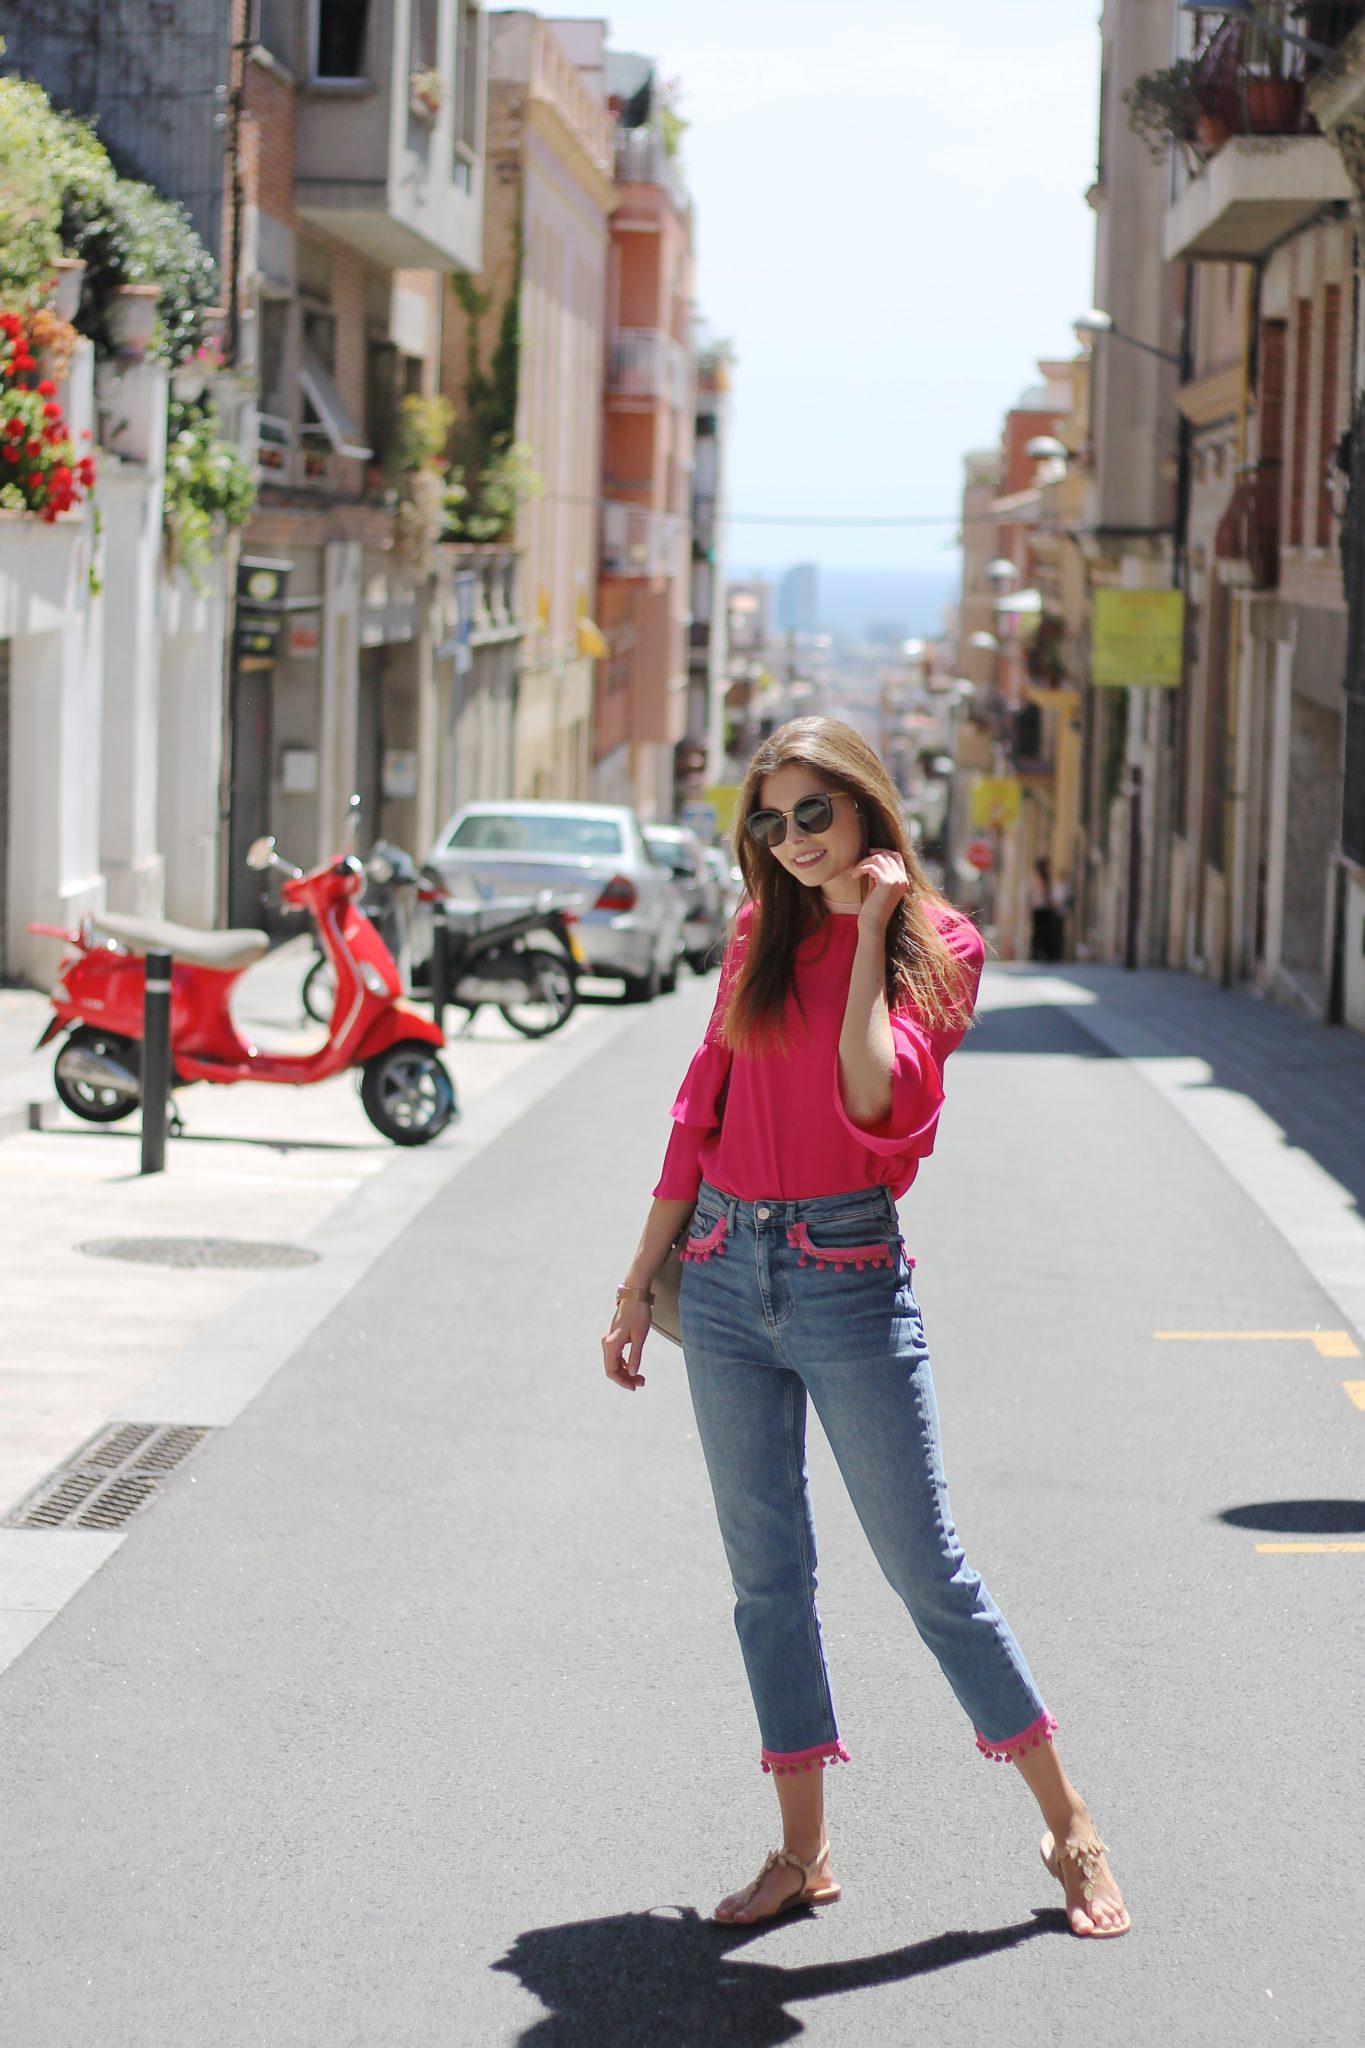 IMG 5279 - BARCELONA STREET STYLE